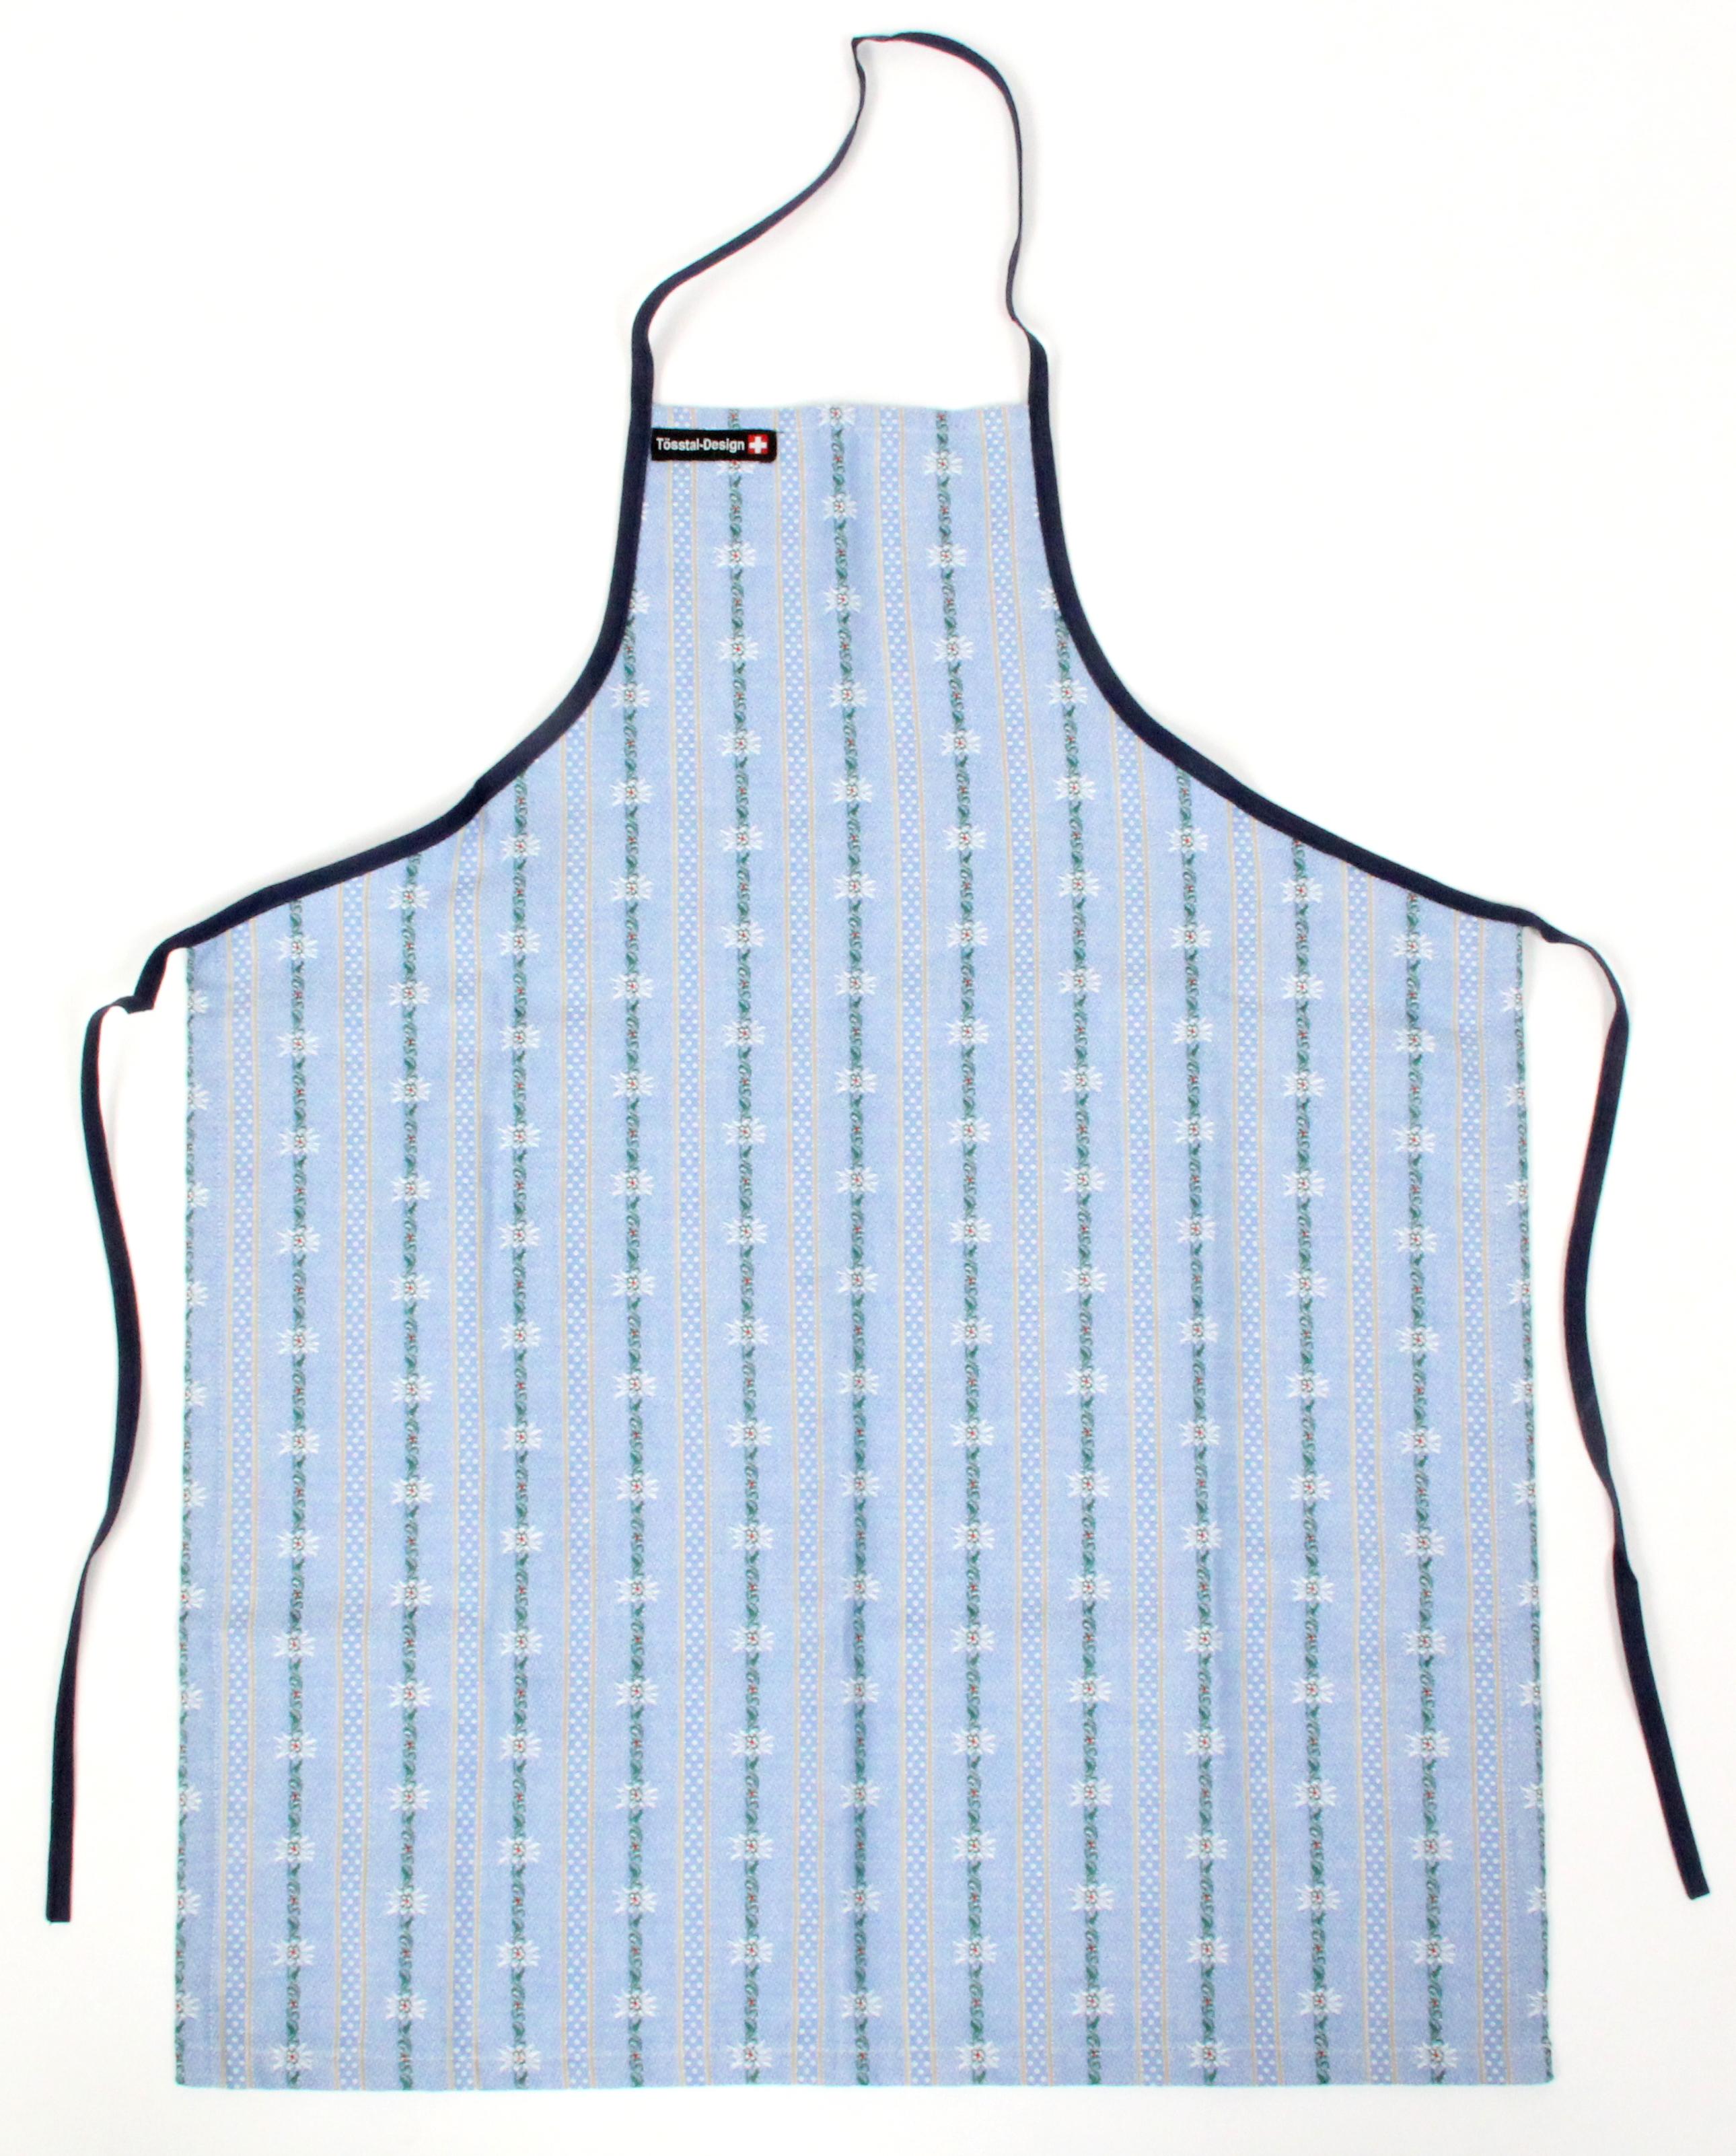 Küchenschürze Edelweiss hellblau, ohne Tasche